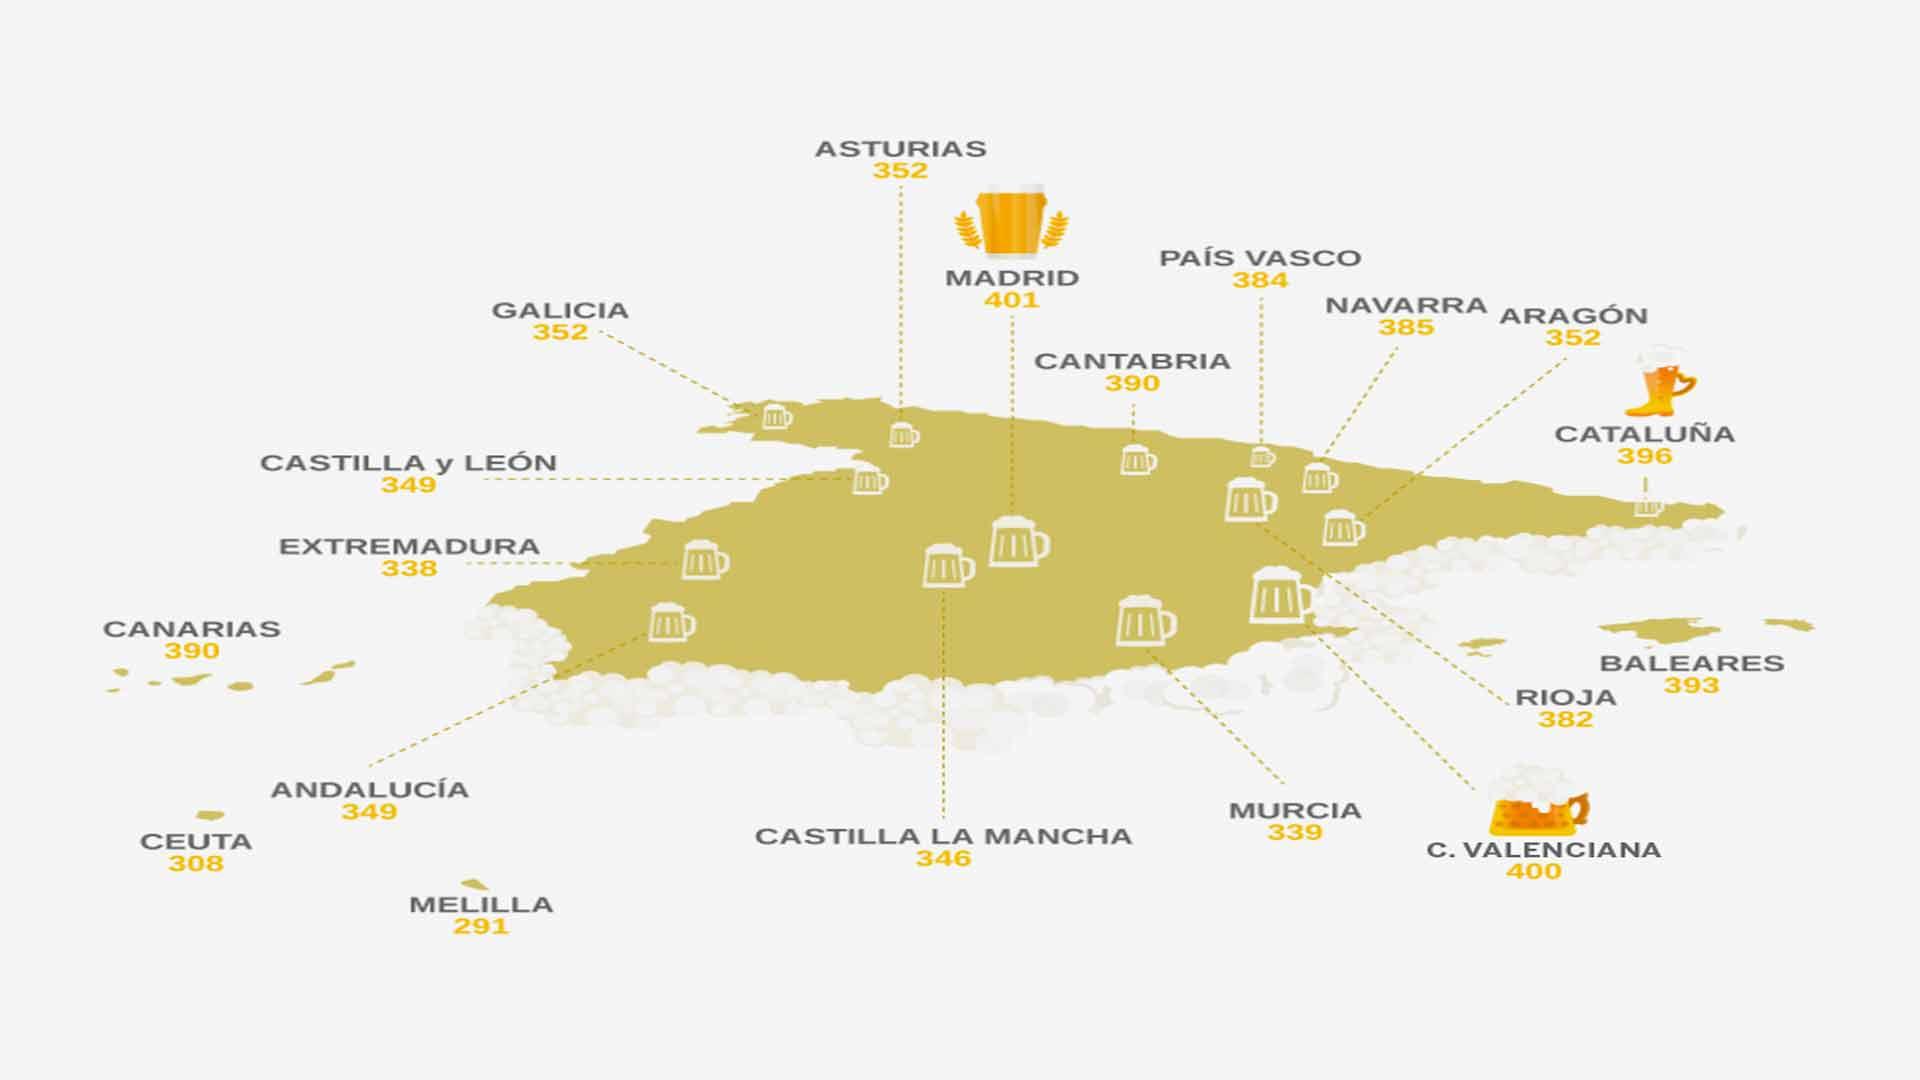 un-mapa-con-la-media-aproximada-de-canas-por-comunidad-autonoma-1920